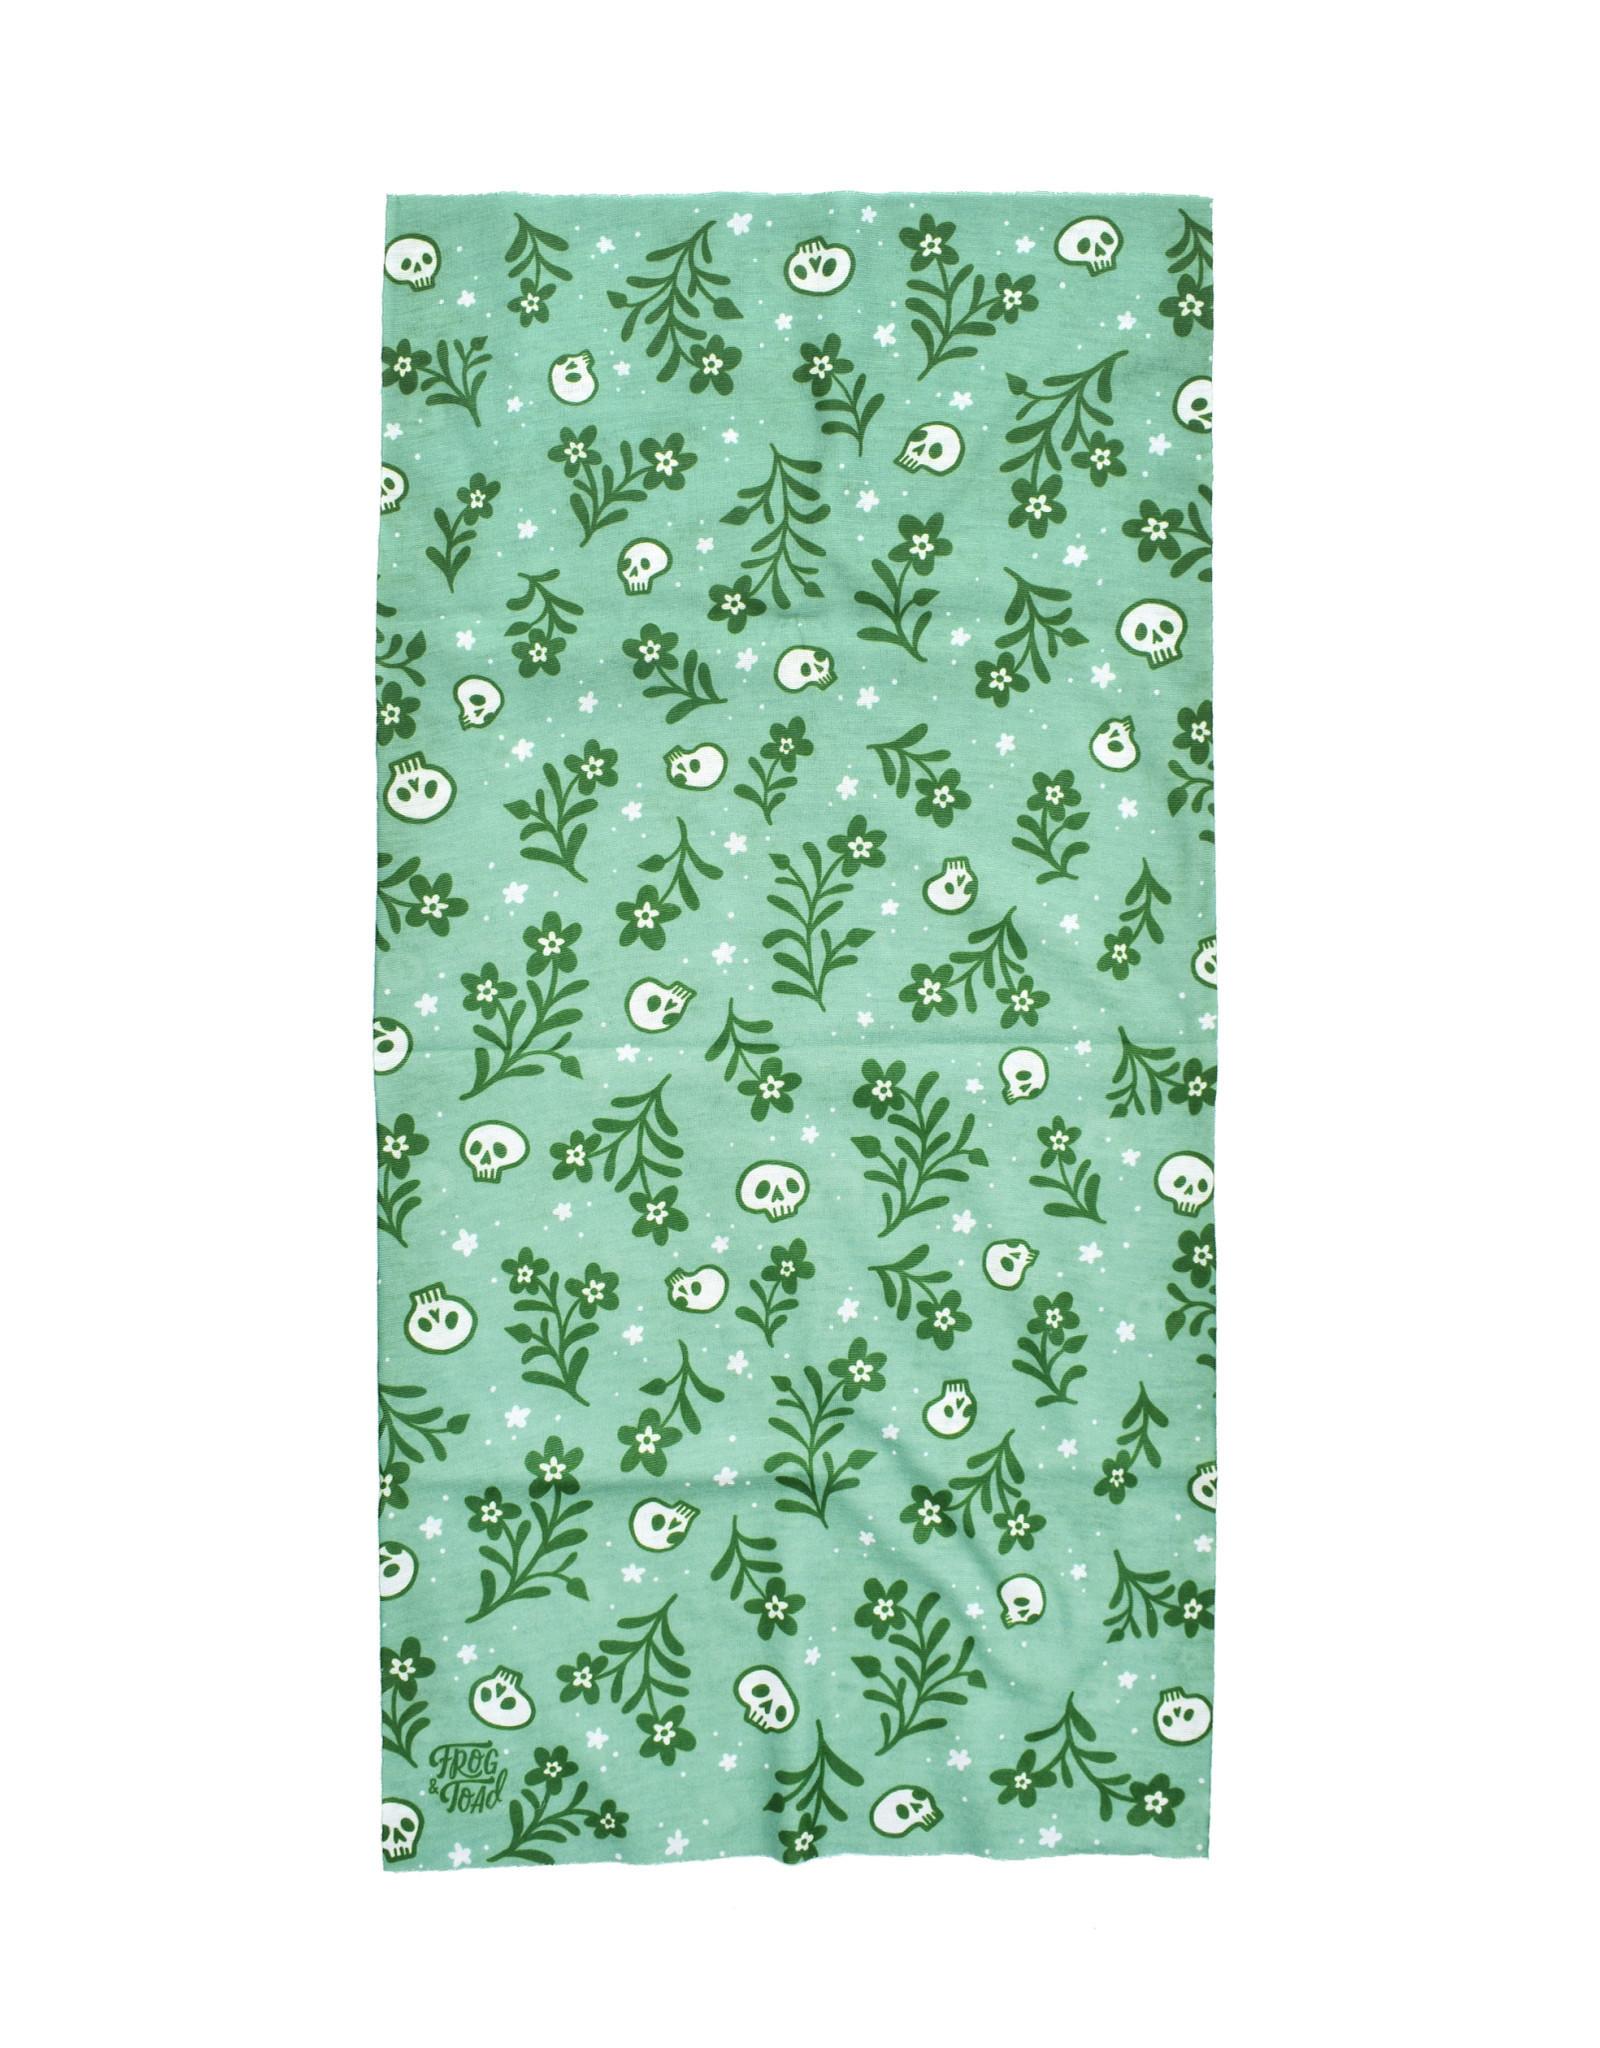 Frog & Toad Press Gaiter -  Floral Skulls